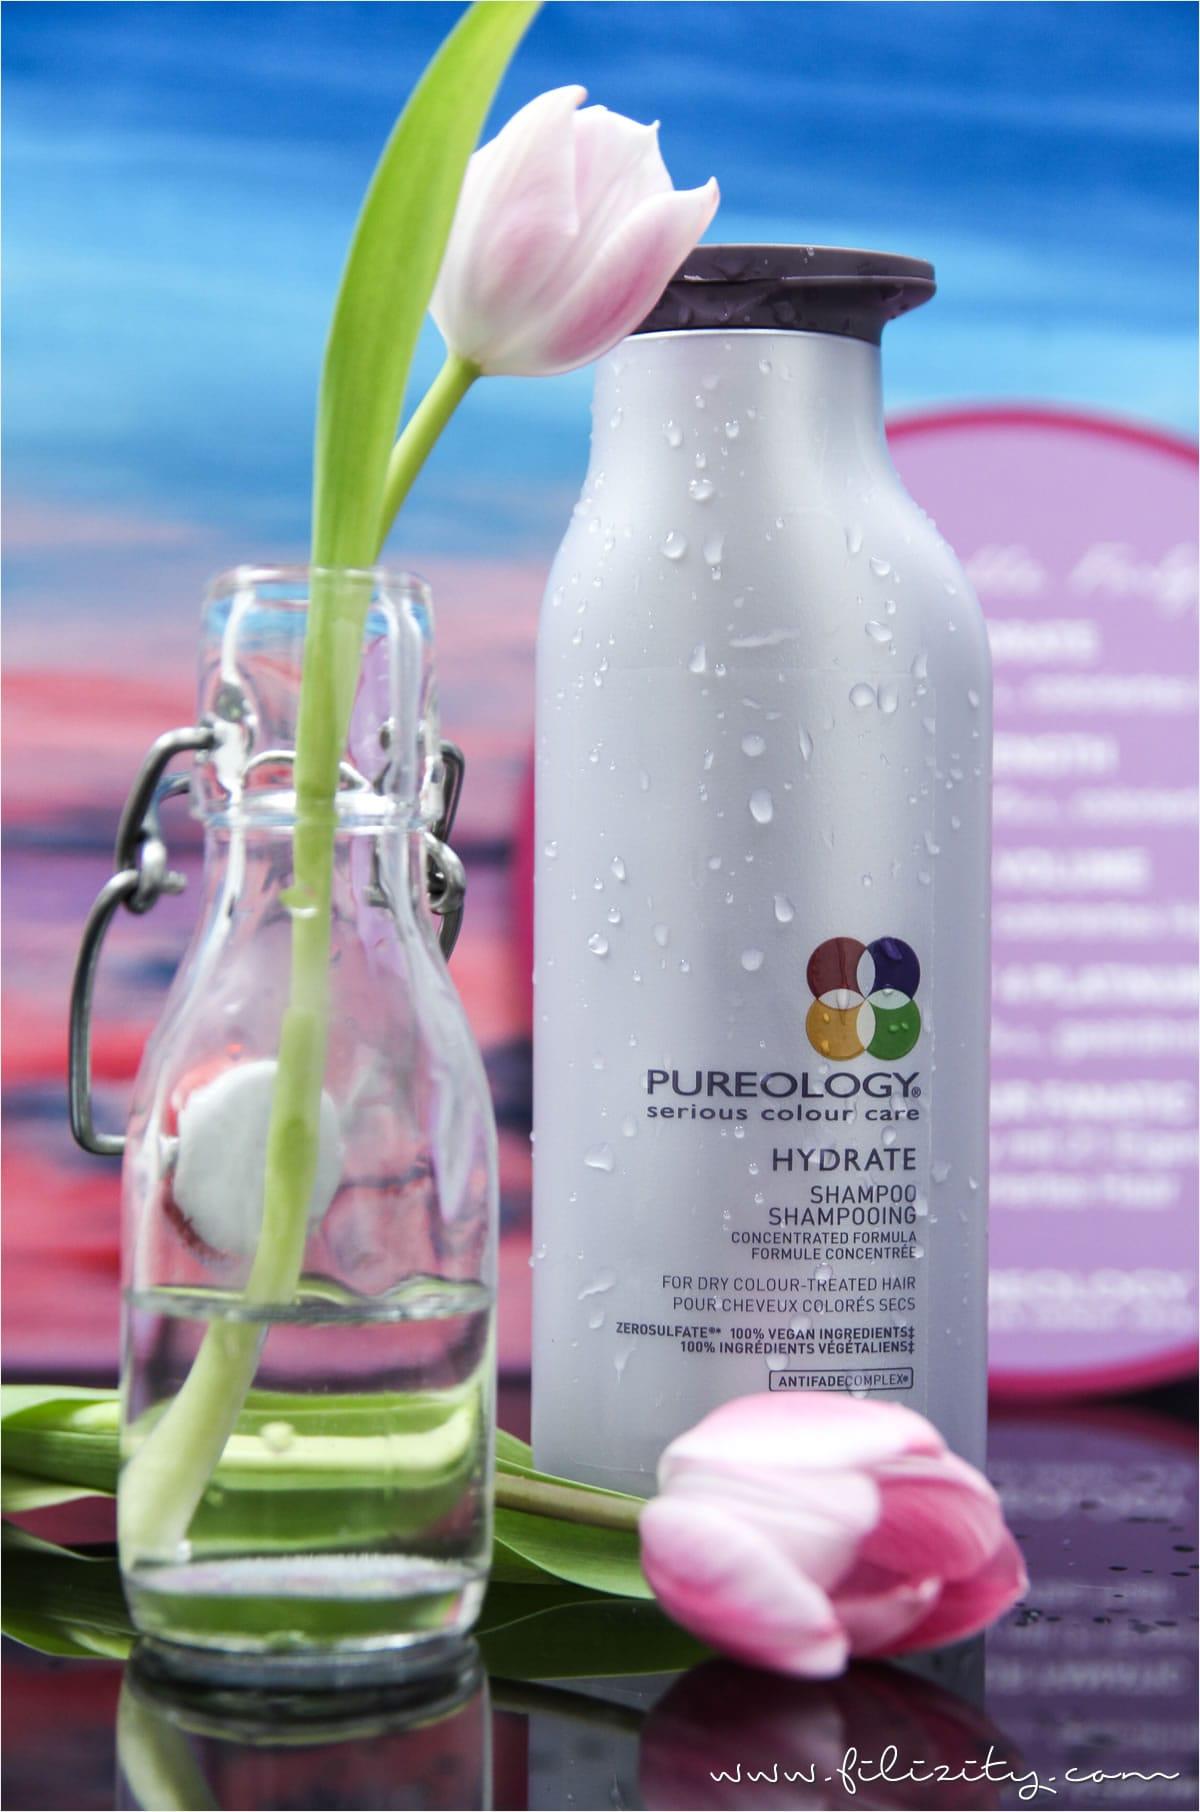 Pureology Hydrate – Vegane Feuchtigkeitspflege von L'Oréal für coloriertes Haar